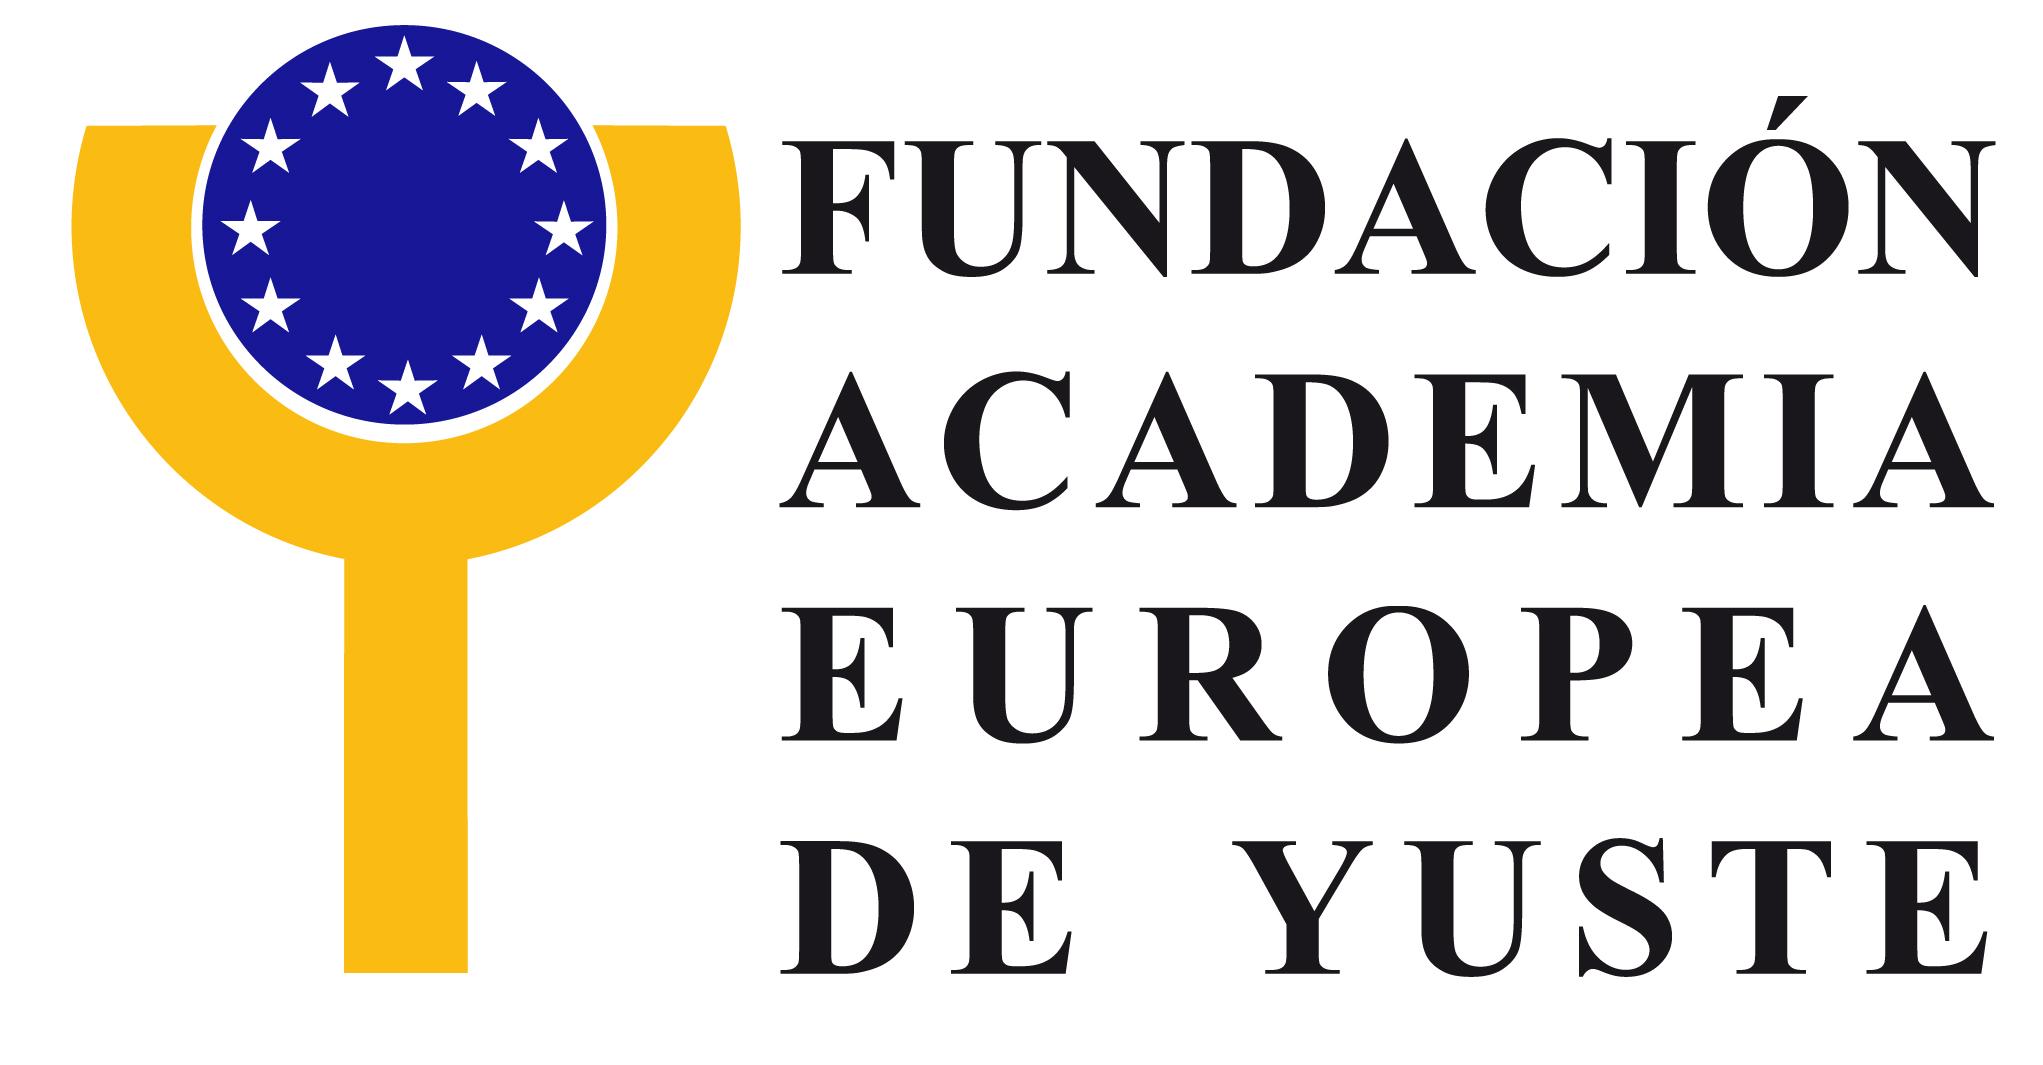 Logo Fondation Yuste